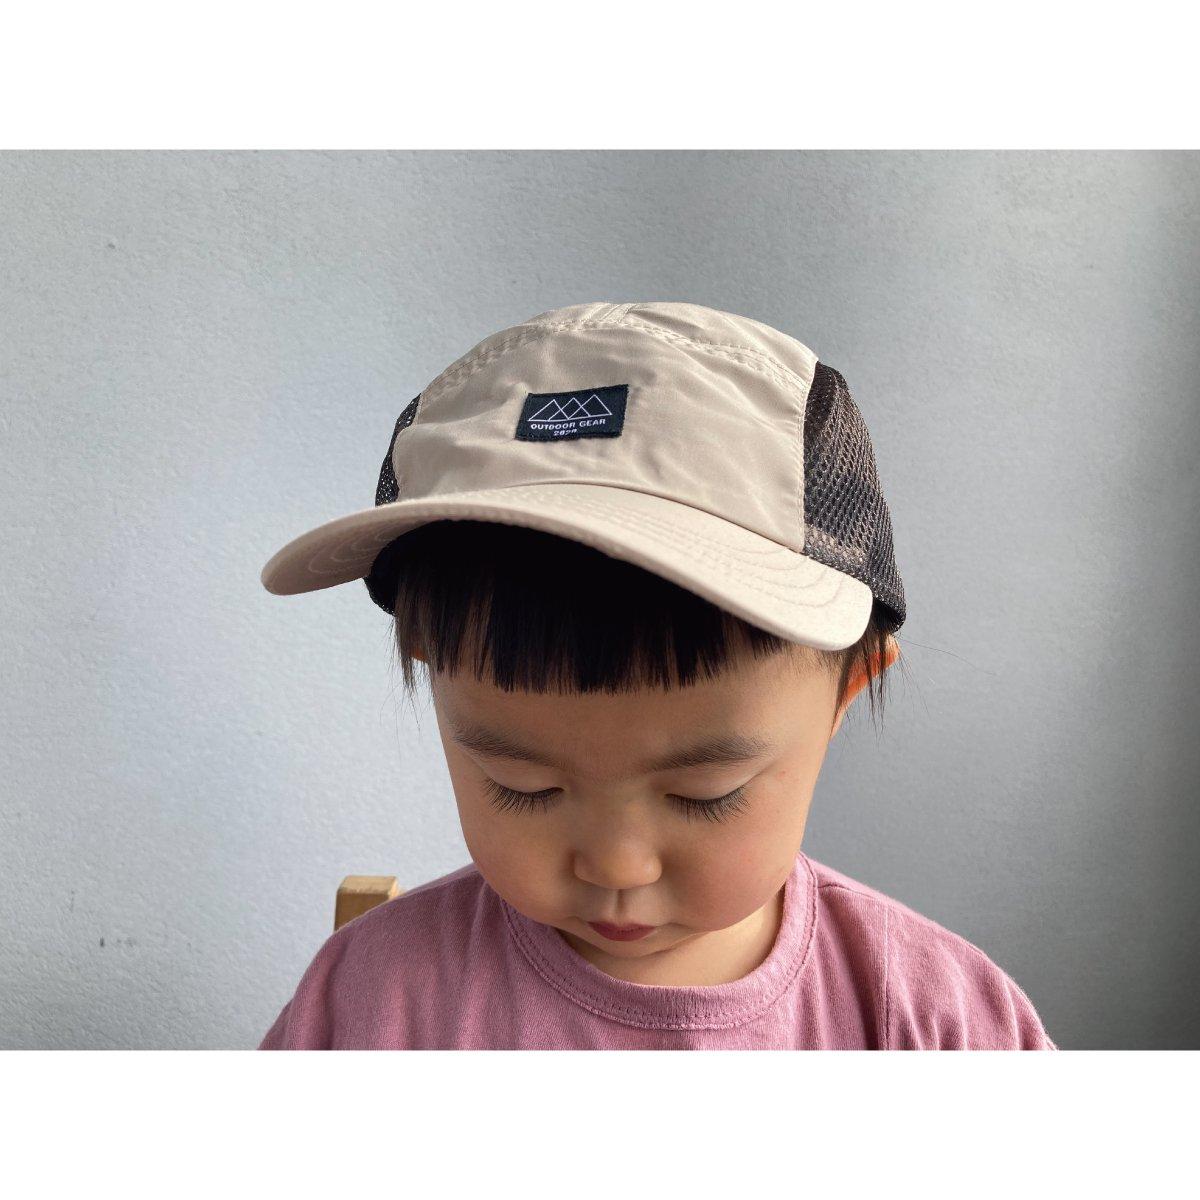 【KIDS】Kids Gear Jet Cap 詳細画像12